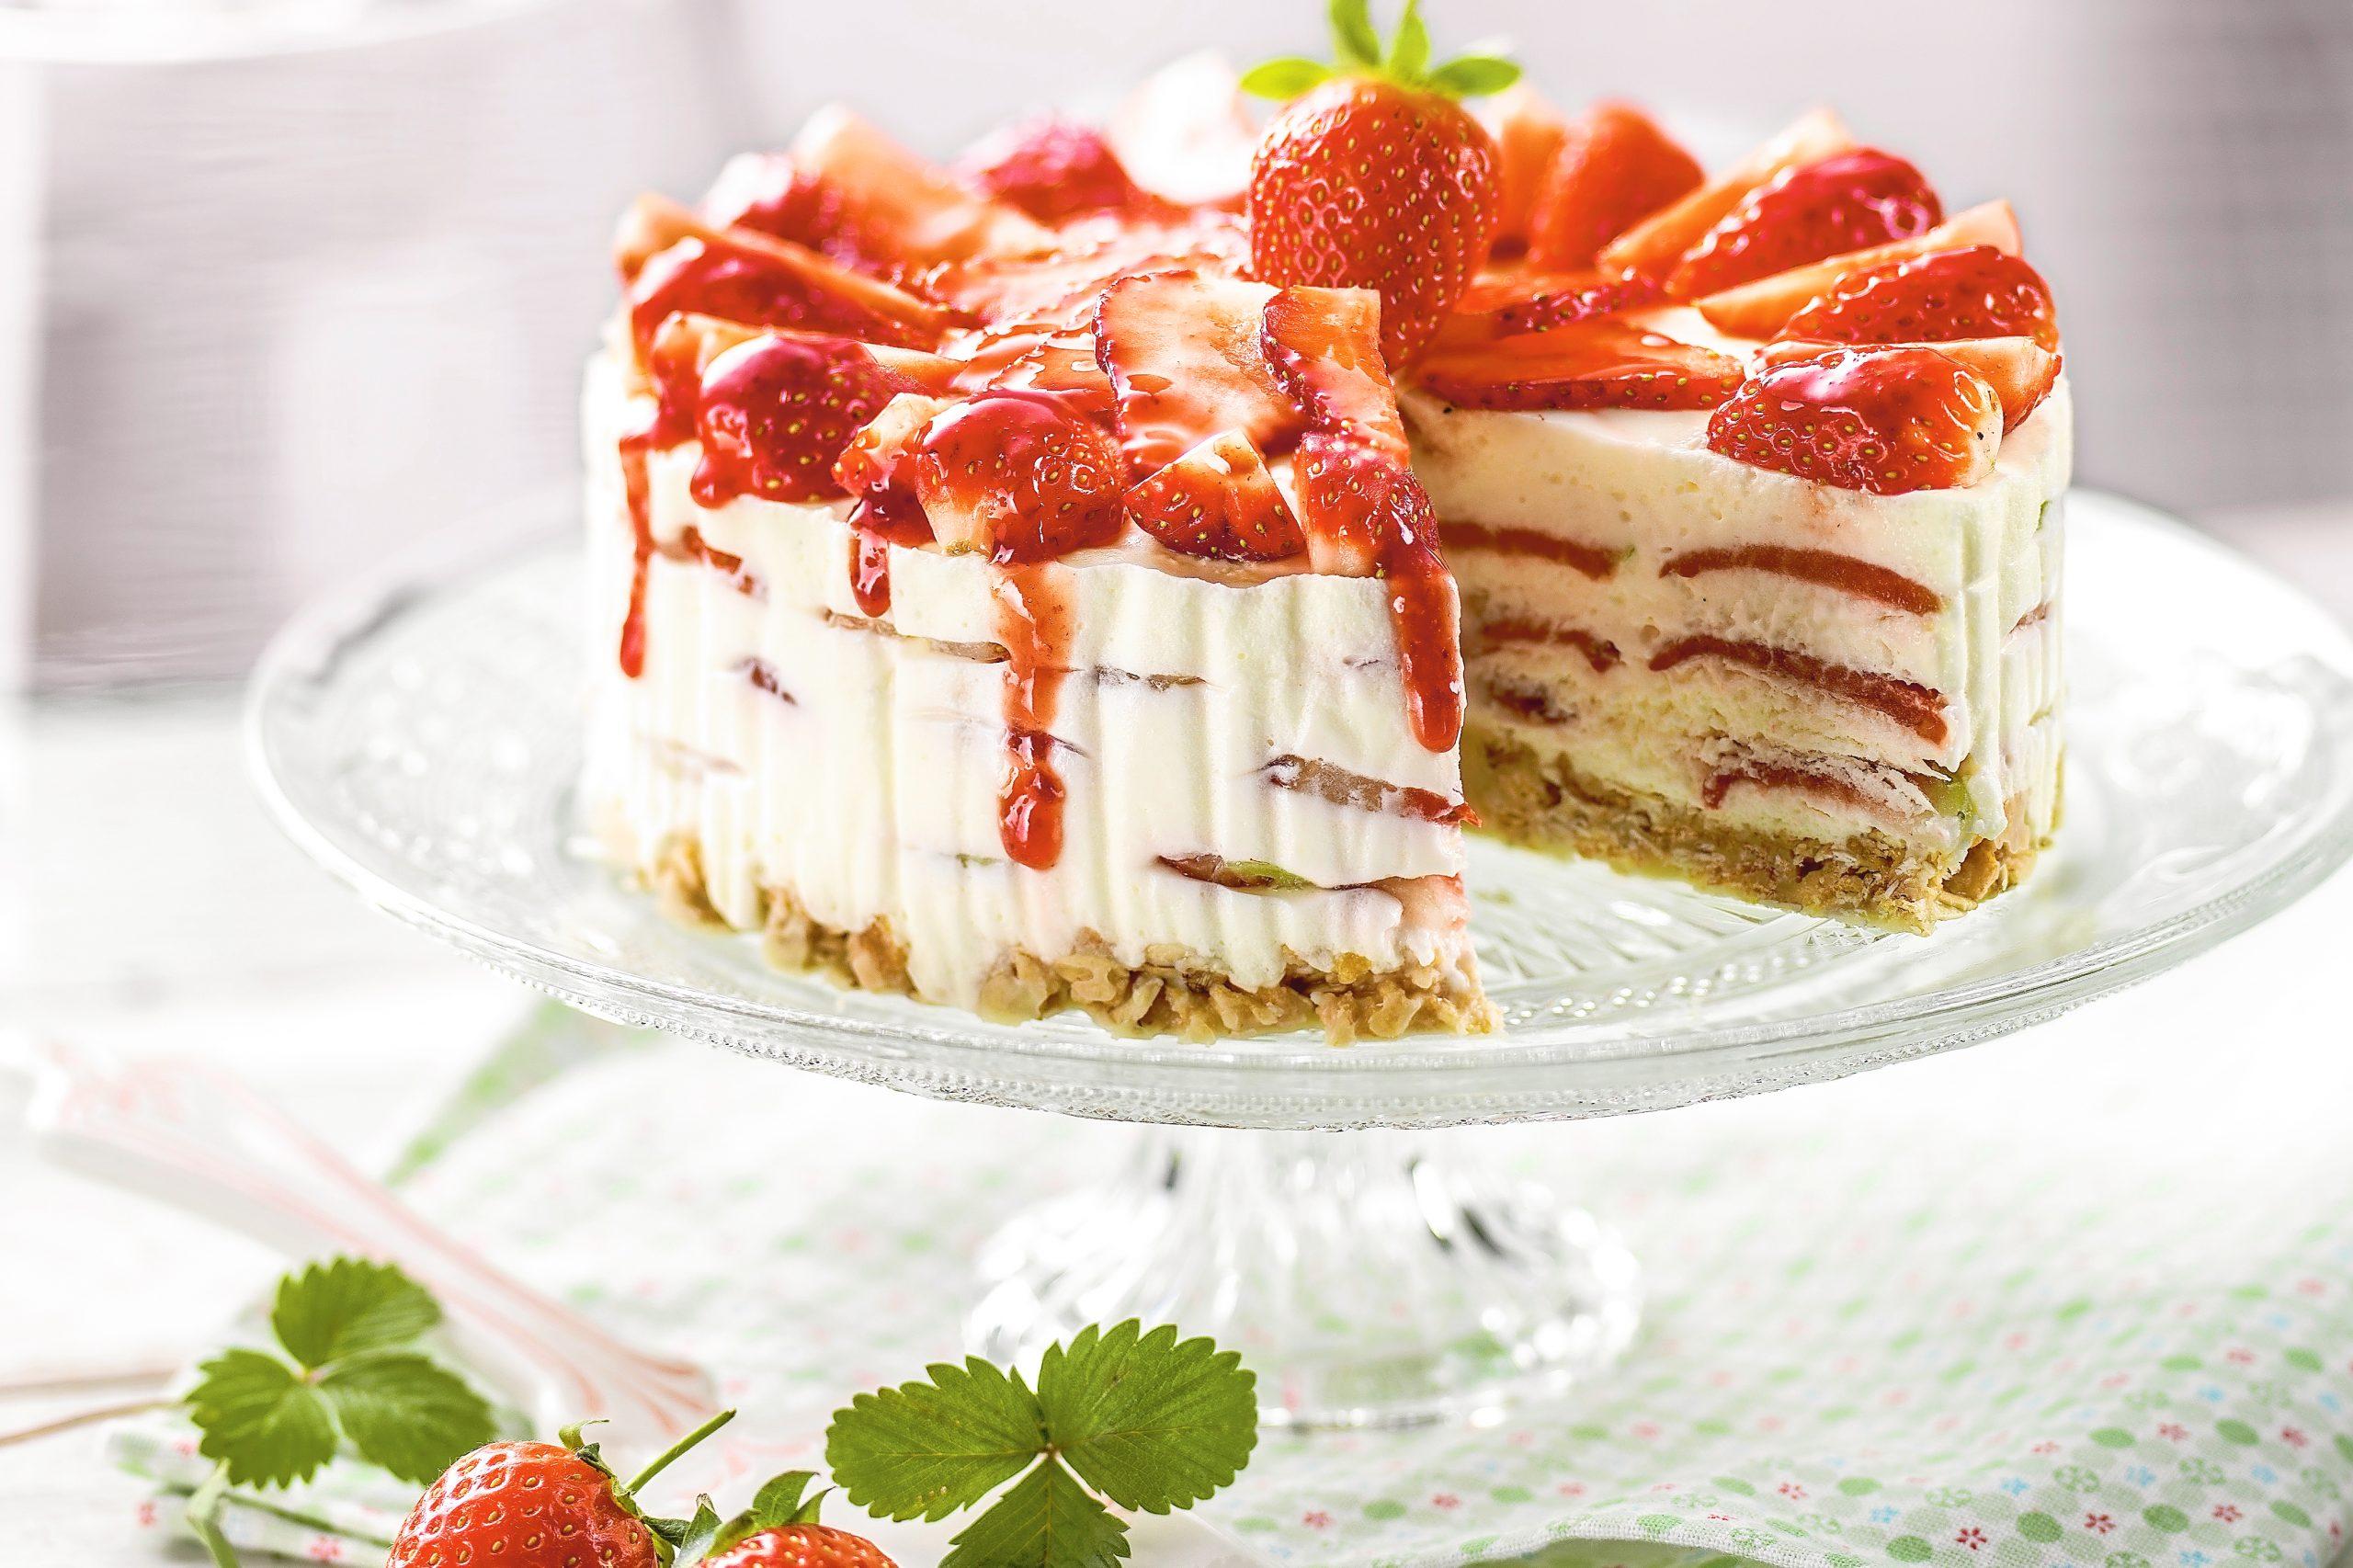 Erdbeer-Cheesecake